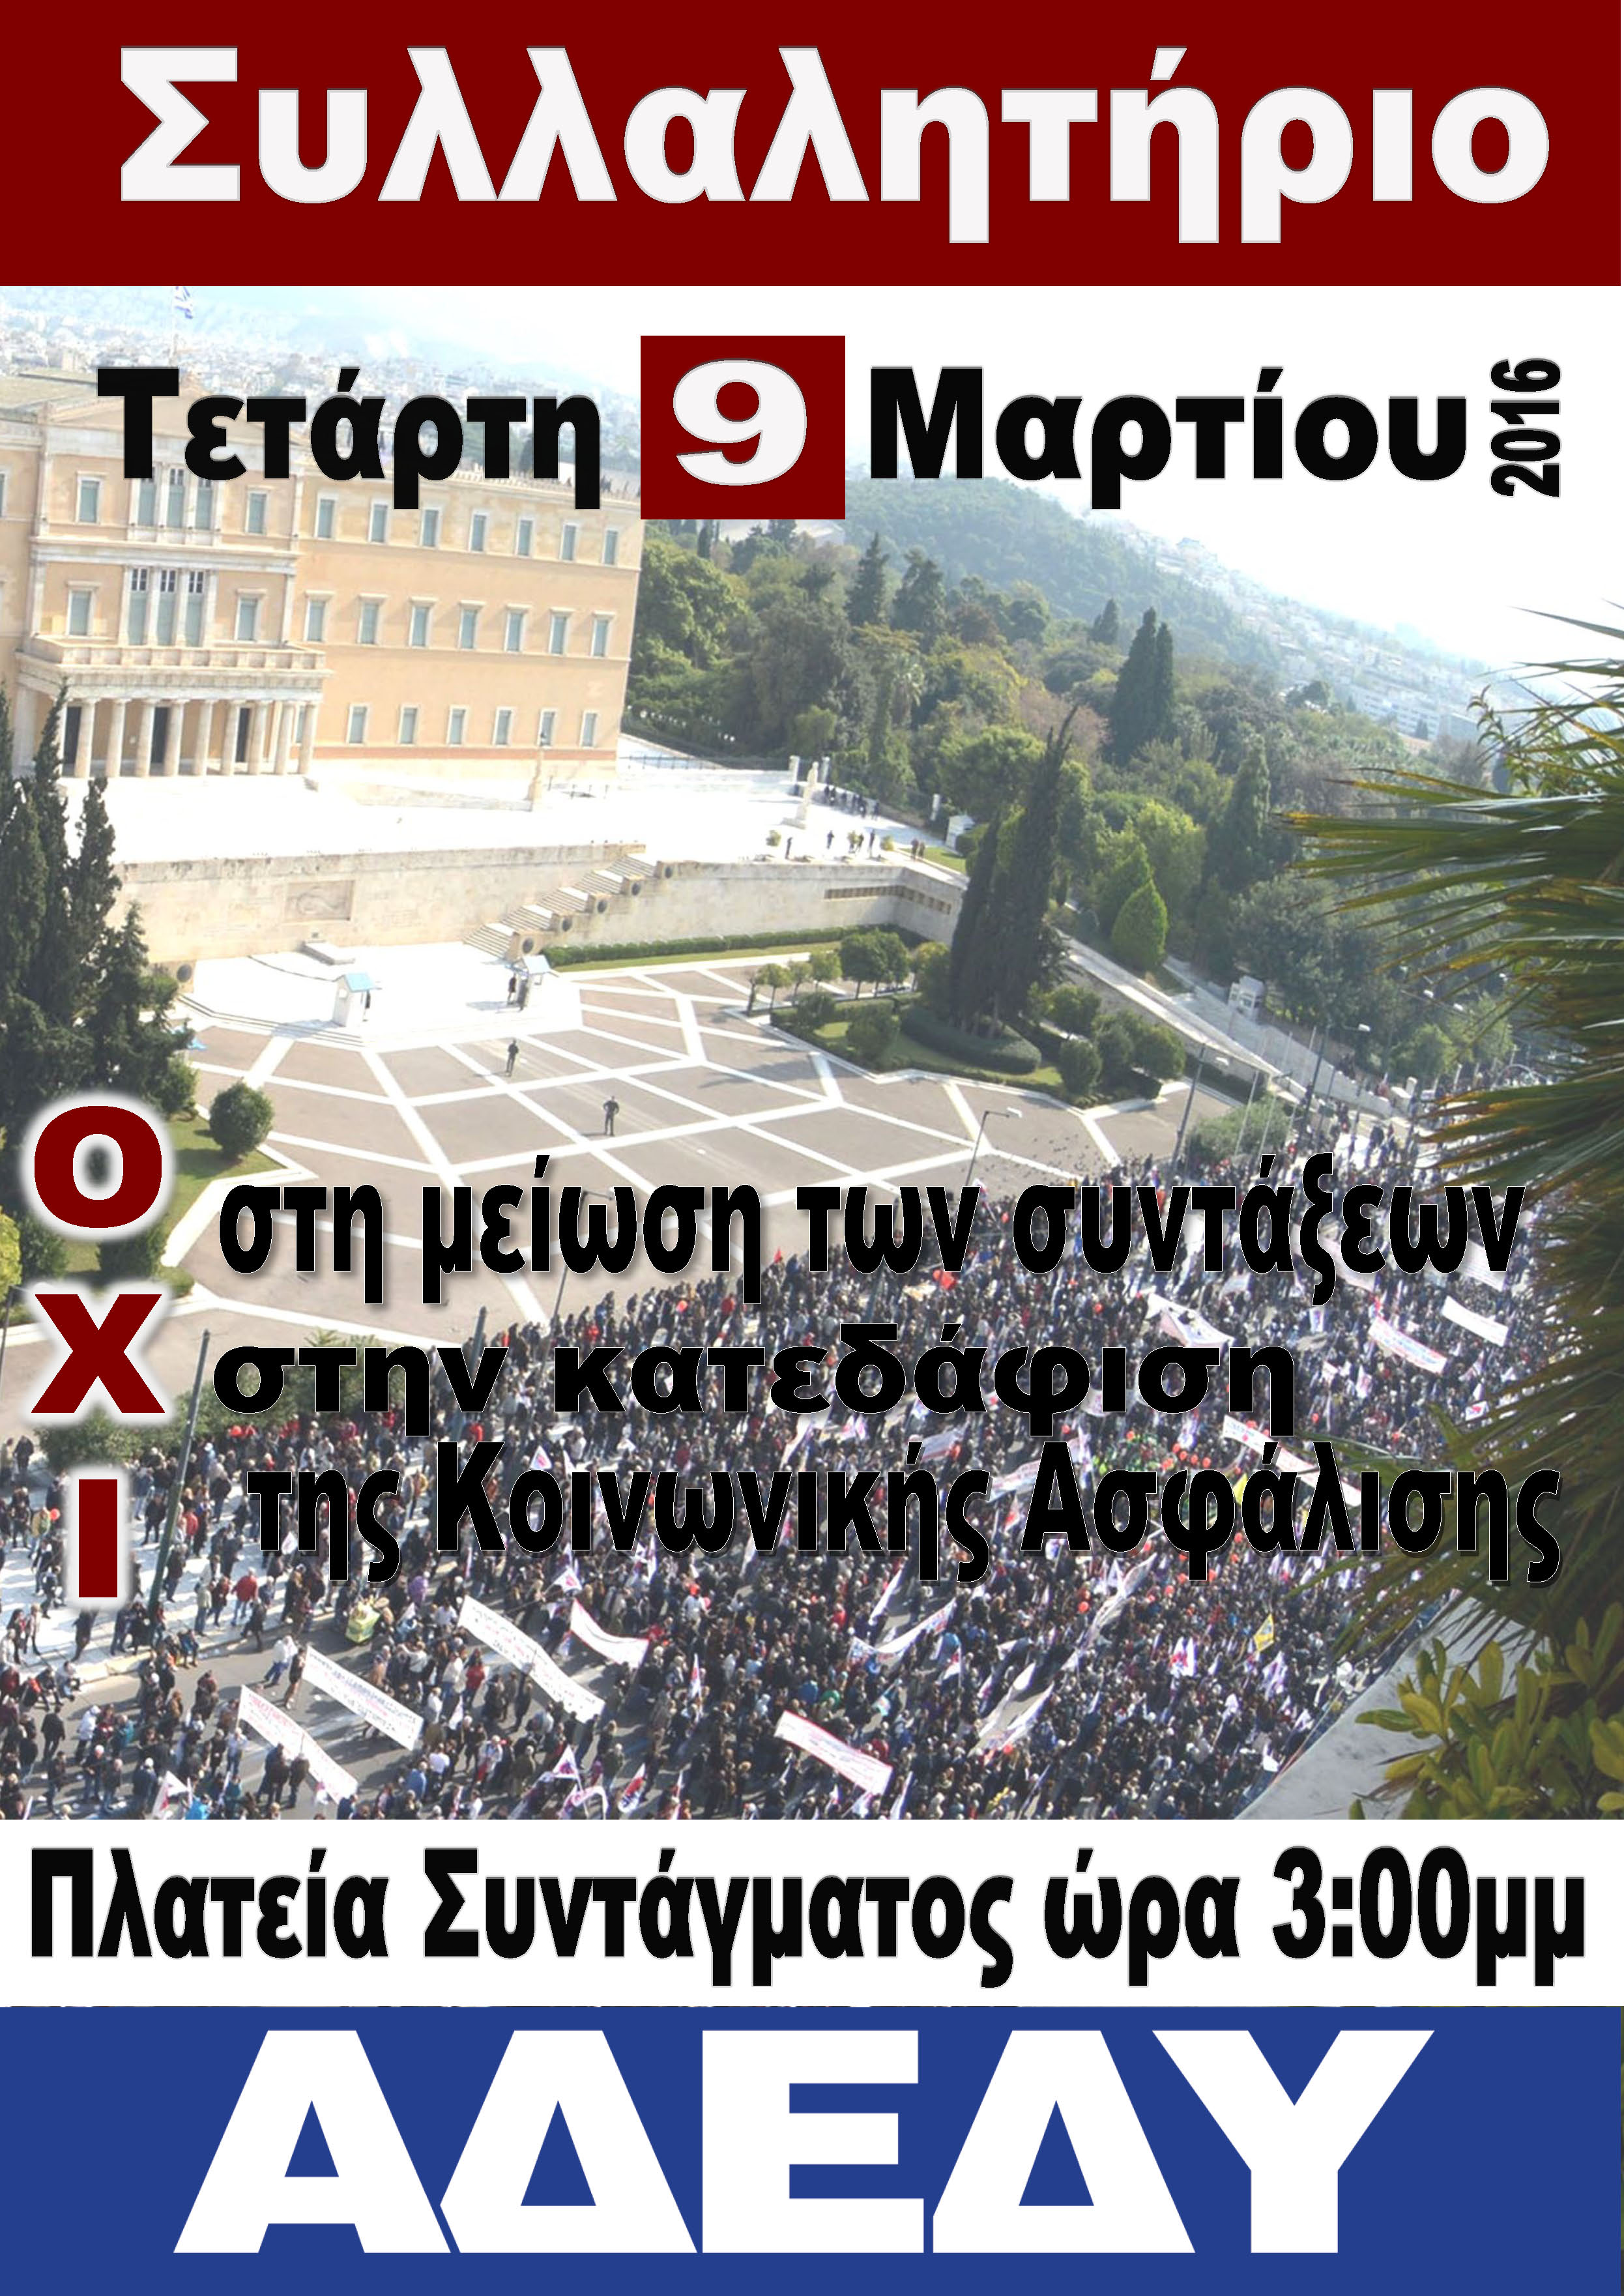 2016.03.04 - Αφισσέτα - Συλλαλητήριο Τετάρτη 9 Μαρτίου